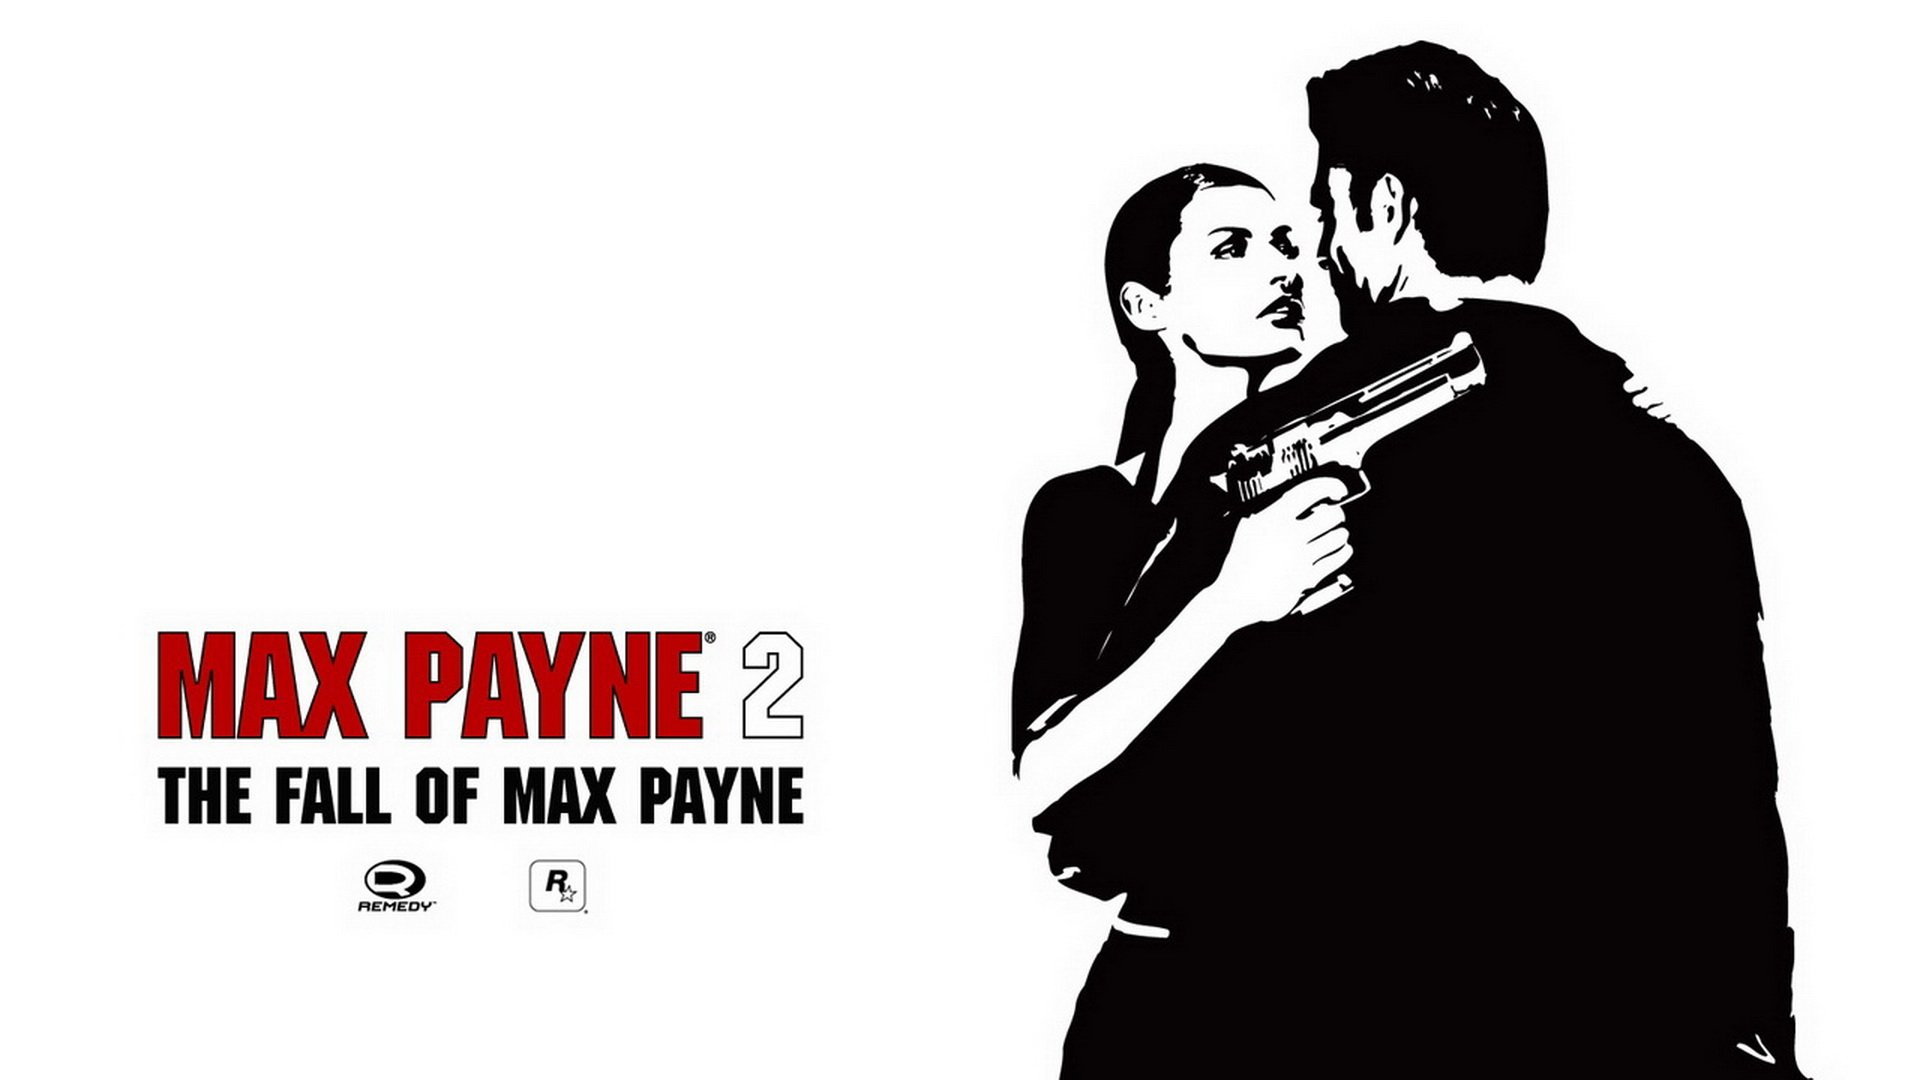 Max Payne 2 The Fall Of Max Payne Wallpaper Max Payne 2 The Fall Of Max Payne Full Hd Wallpaper And